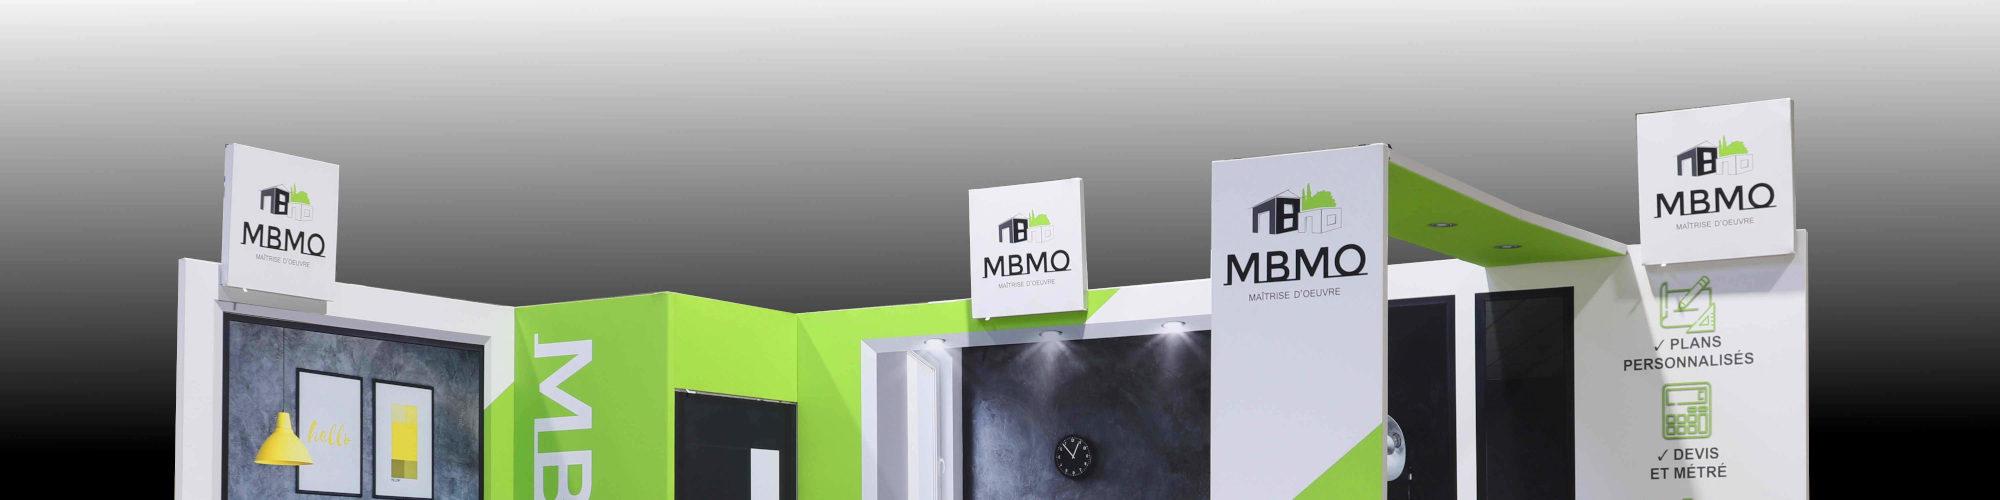 Nos réalisations Concept Evo MBMO